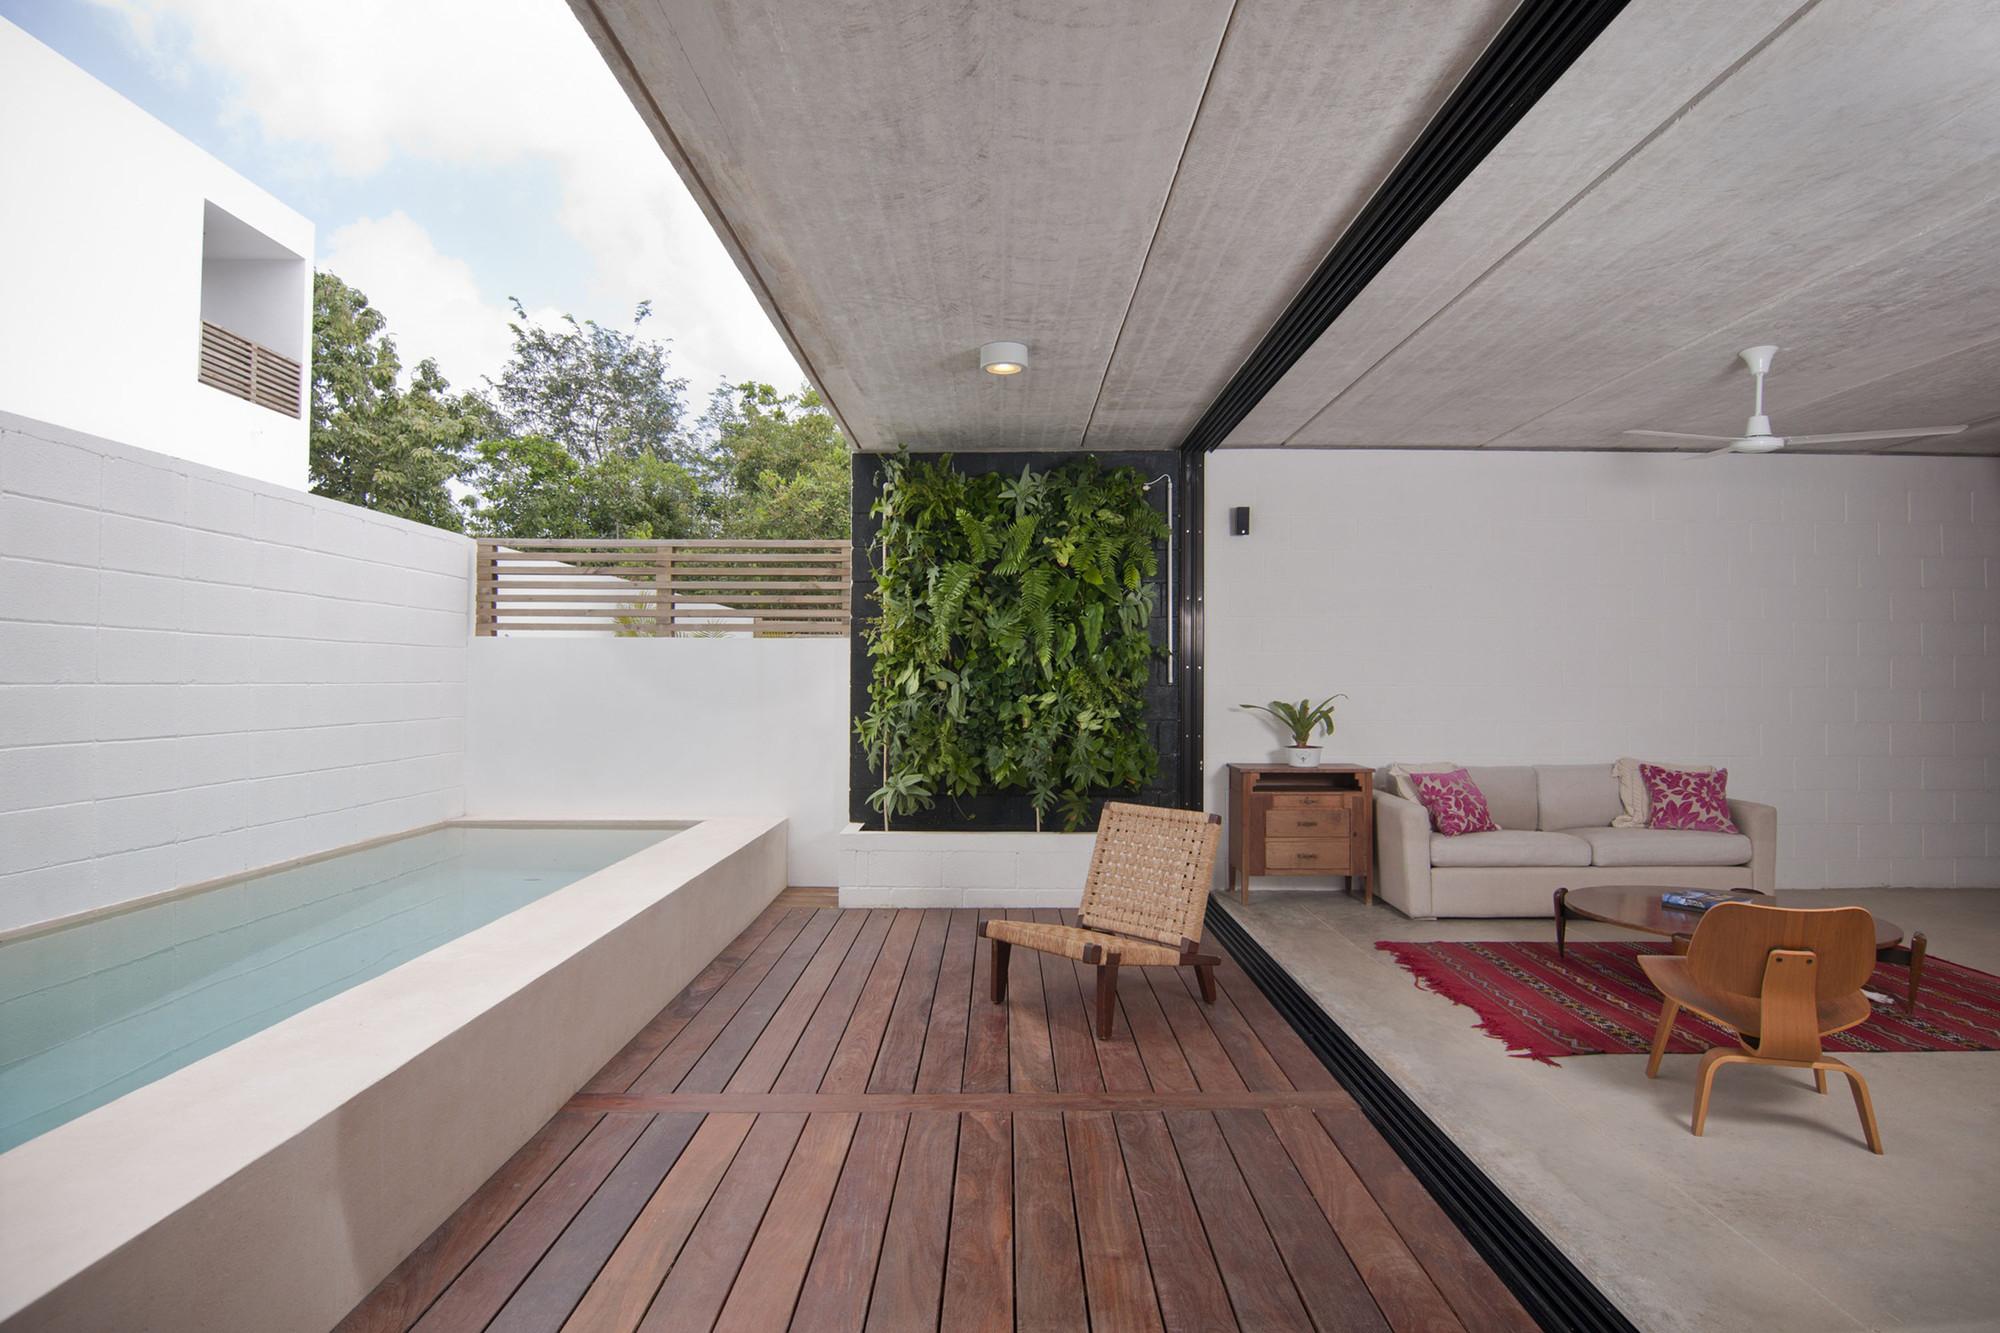 House Palma Chit / JC Arquitectura, © Wacho Espinosa